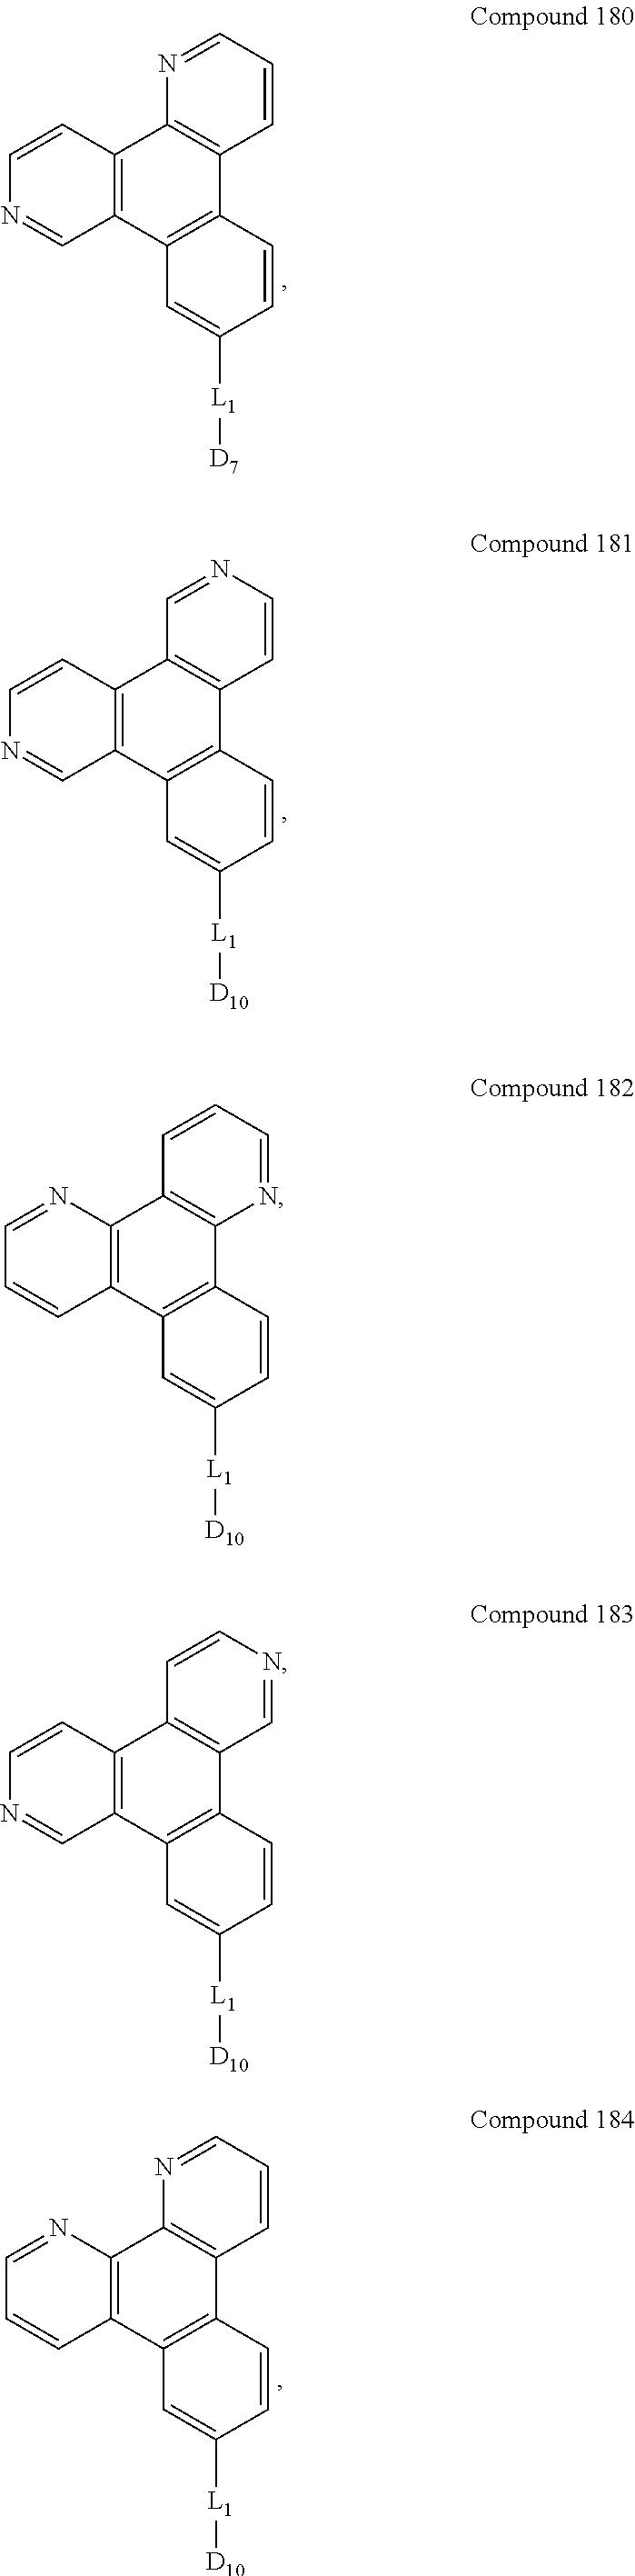 Figure US09537106-20170103-C00193